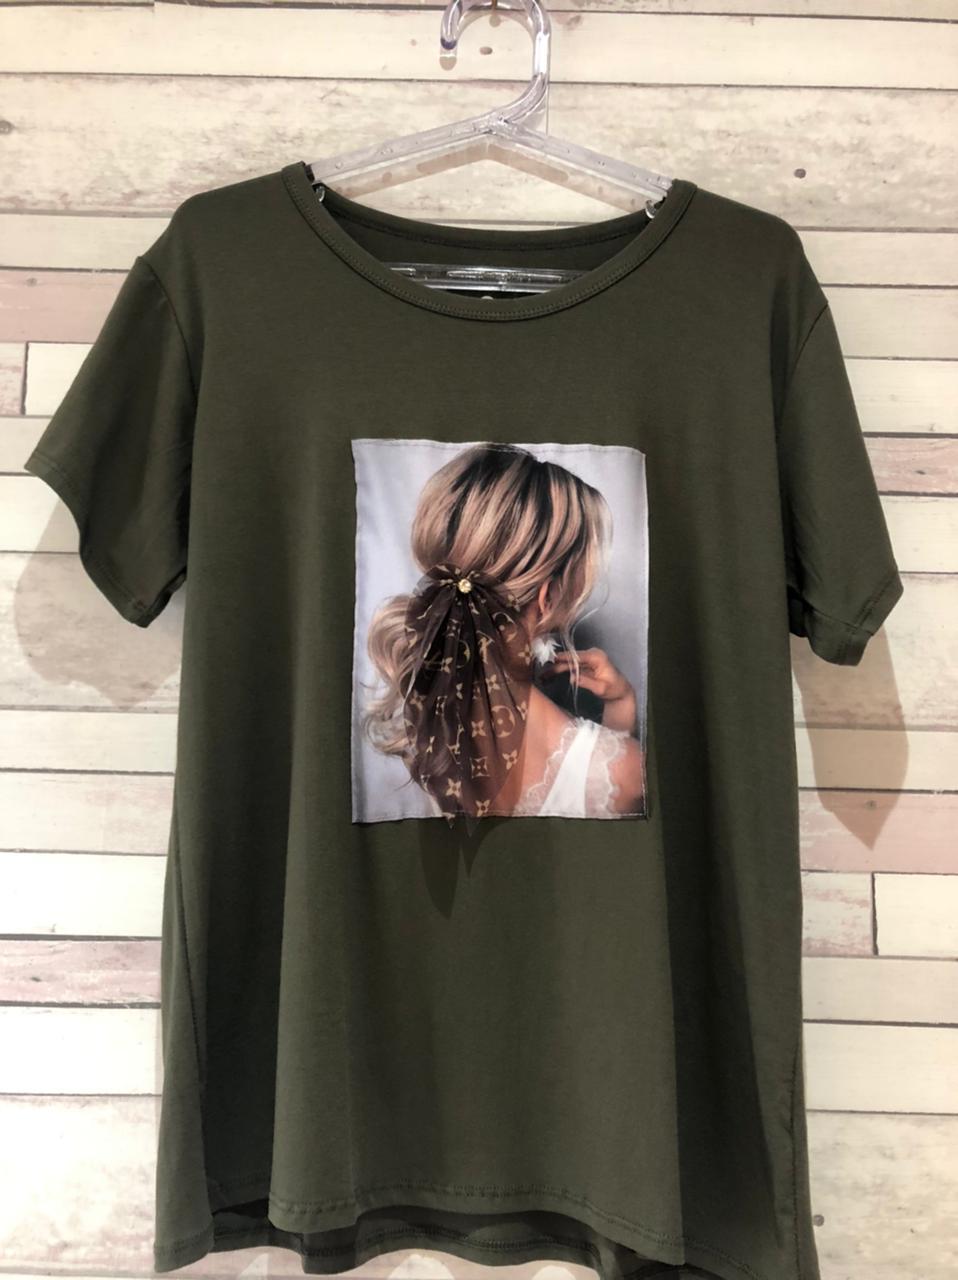 T-Shirt com foto Variadas